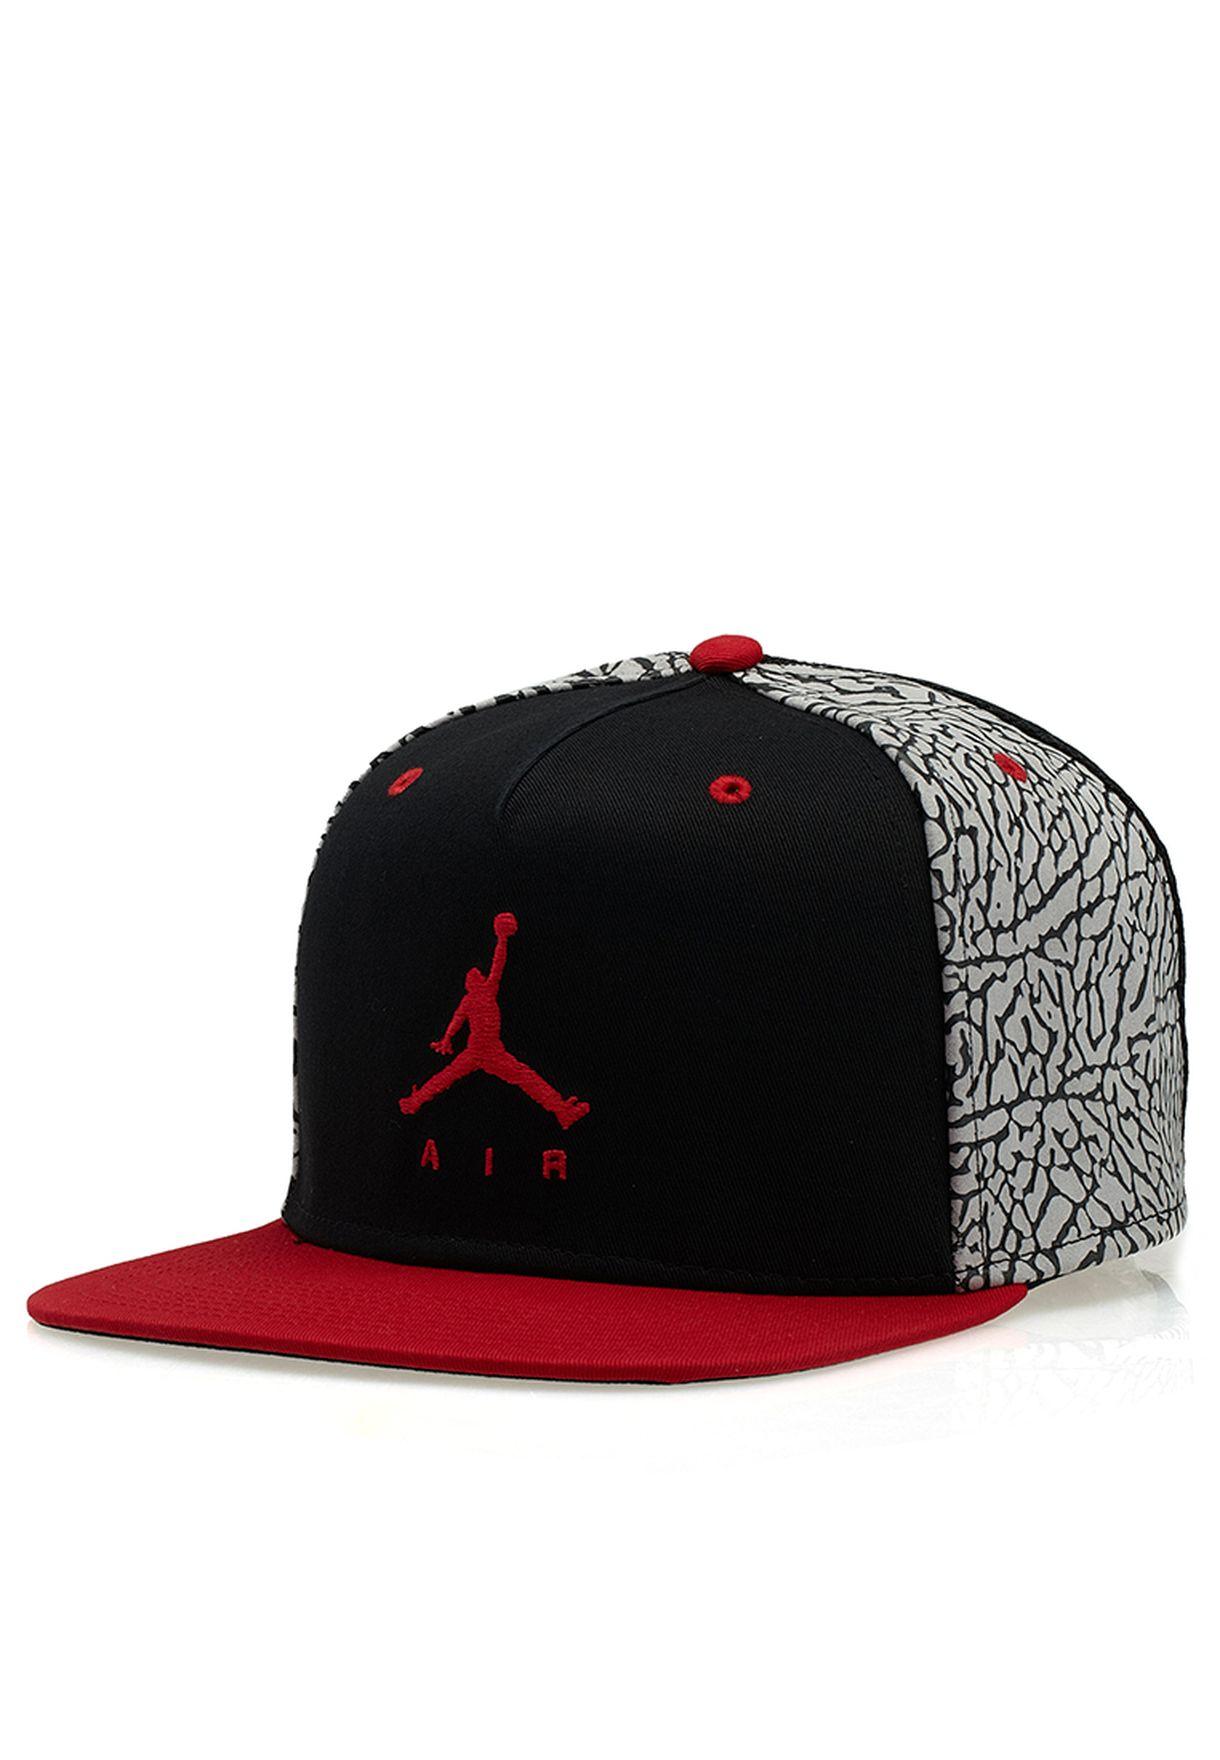 9dd17af86a9 Shop Nike multicolor Jordan Jumpman Air Cap NKAP589014-011 for Men ...